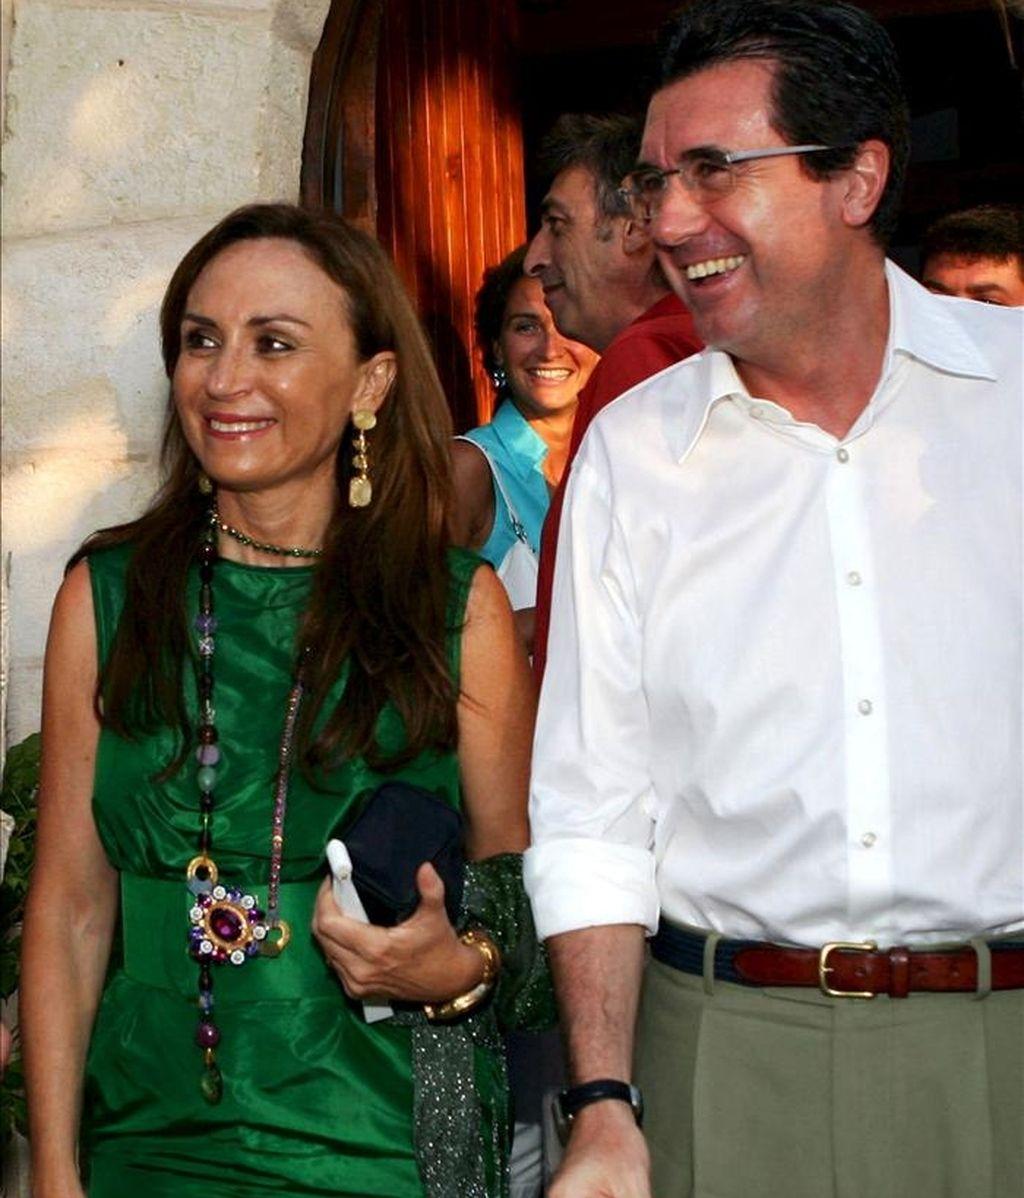 El ex presidente del Govern Jaume Matas, junto a su mujer, Maite Areal. EFE/Archivo